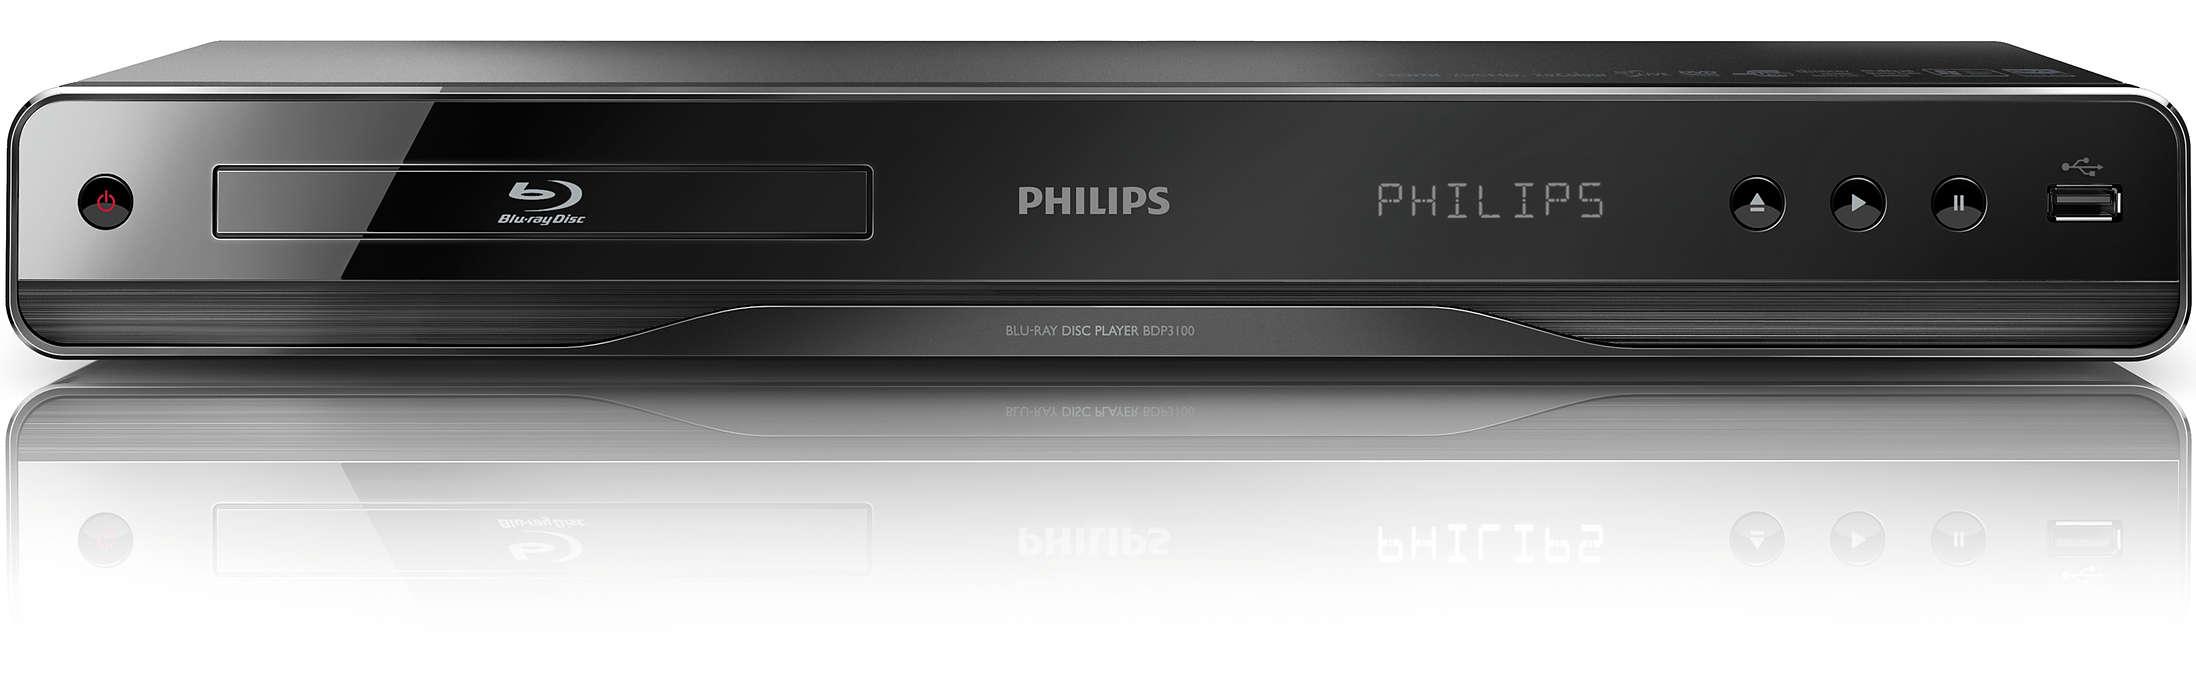 Prova la differenza della tecnologia Blu-ray